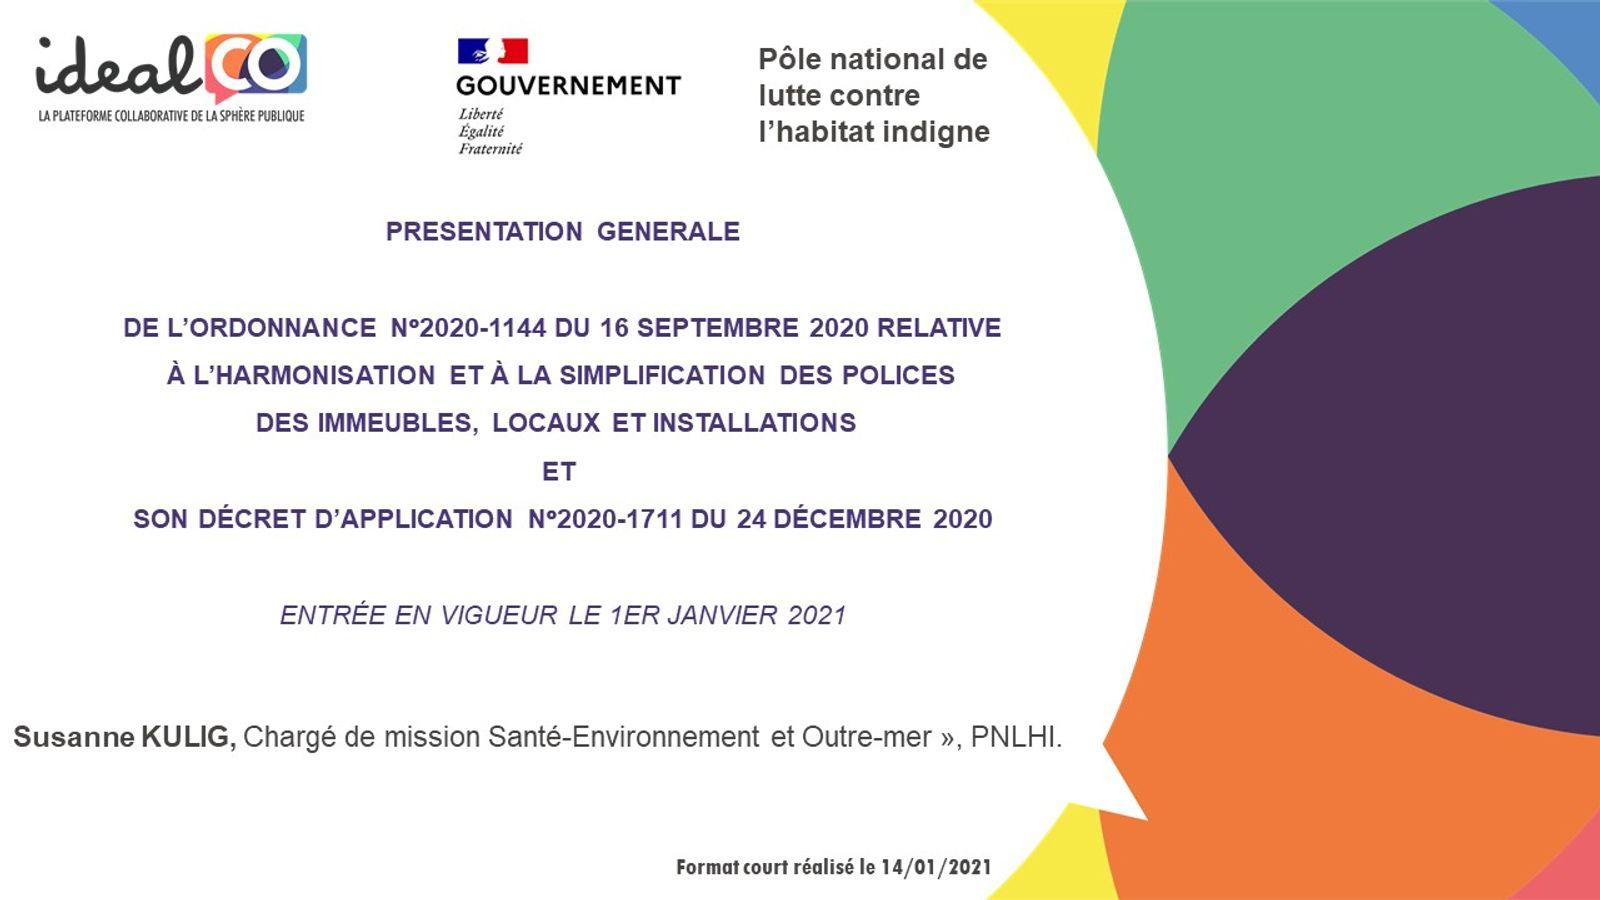 [FORMAT COURT] Les apports de l'ordonnance LHI du 16/09/2020 et de son décret d'application